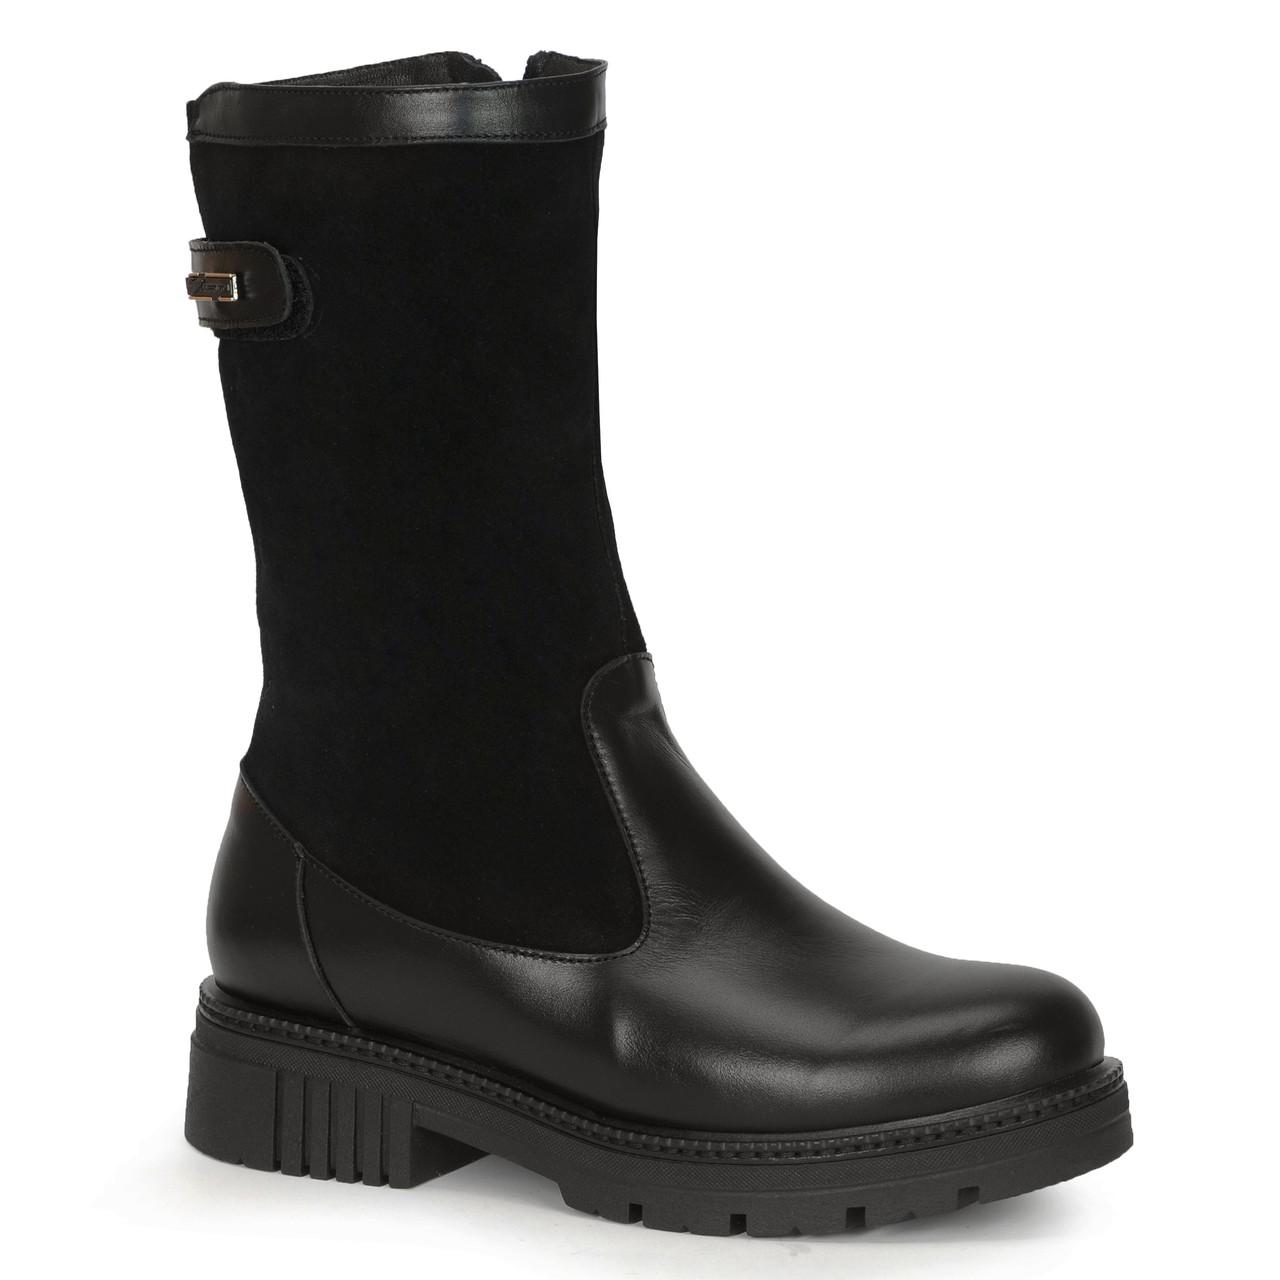 Женские кожаные замшевые ботинки полуботинки полусапоги сапоги TIFFANY на низком каблуке платформе с клапаном